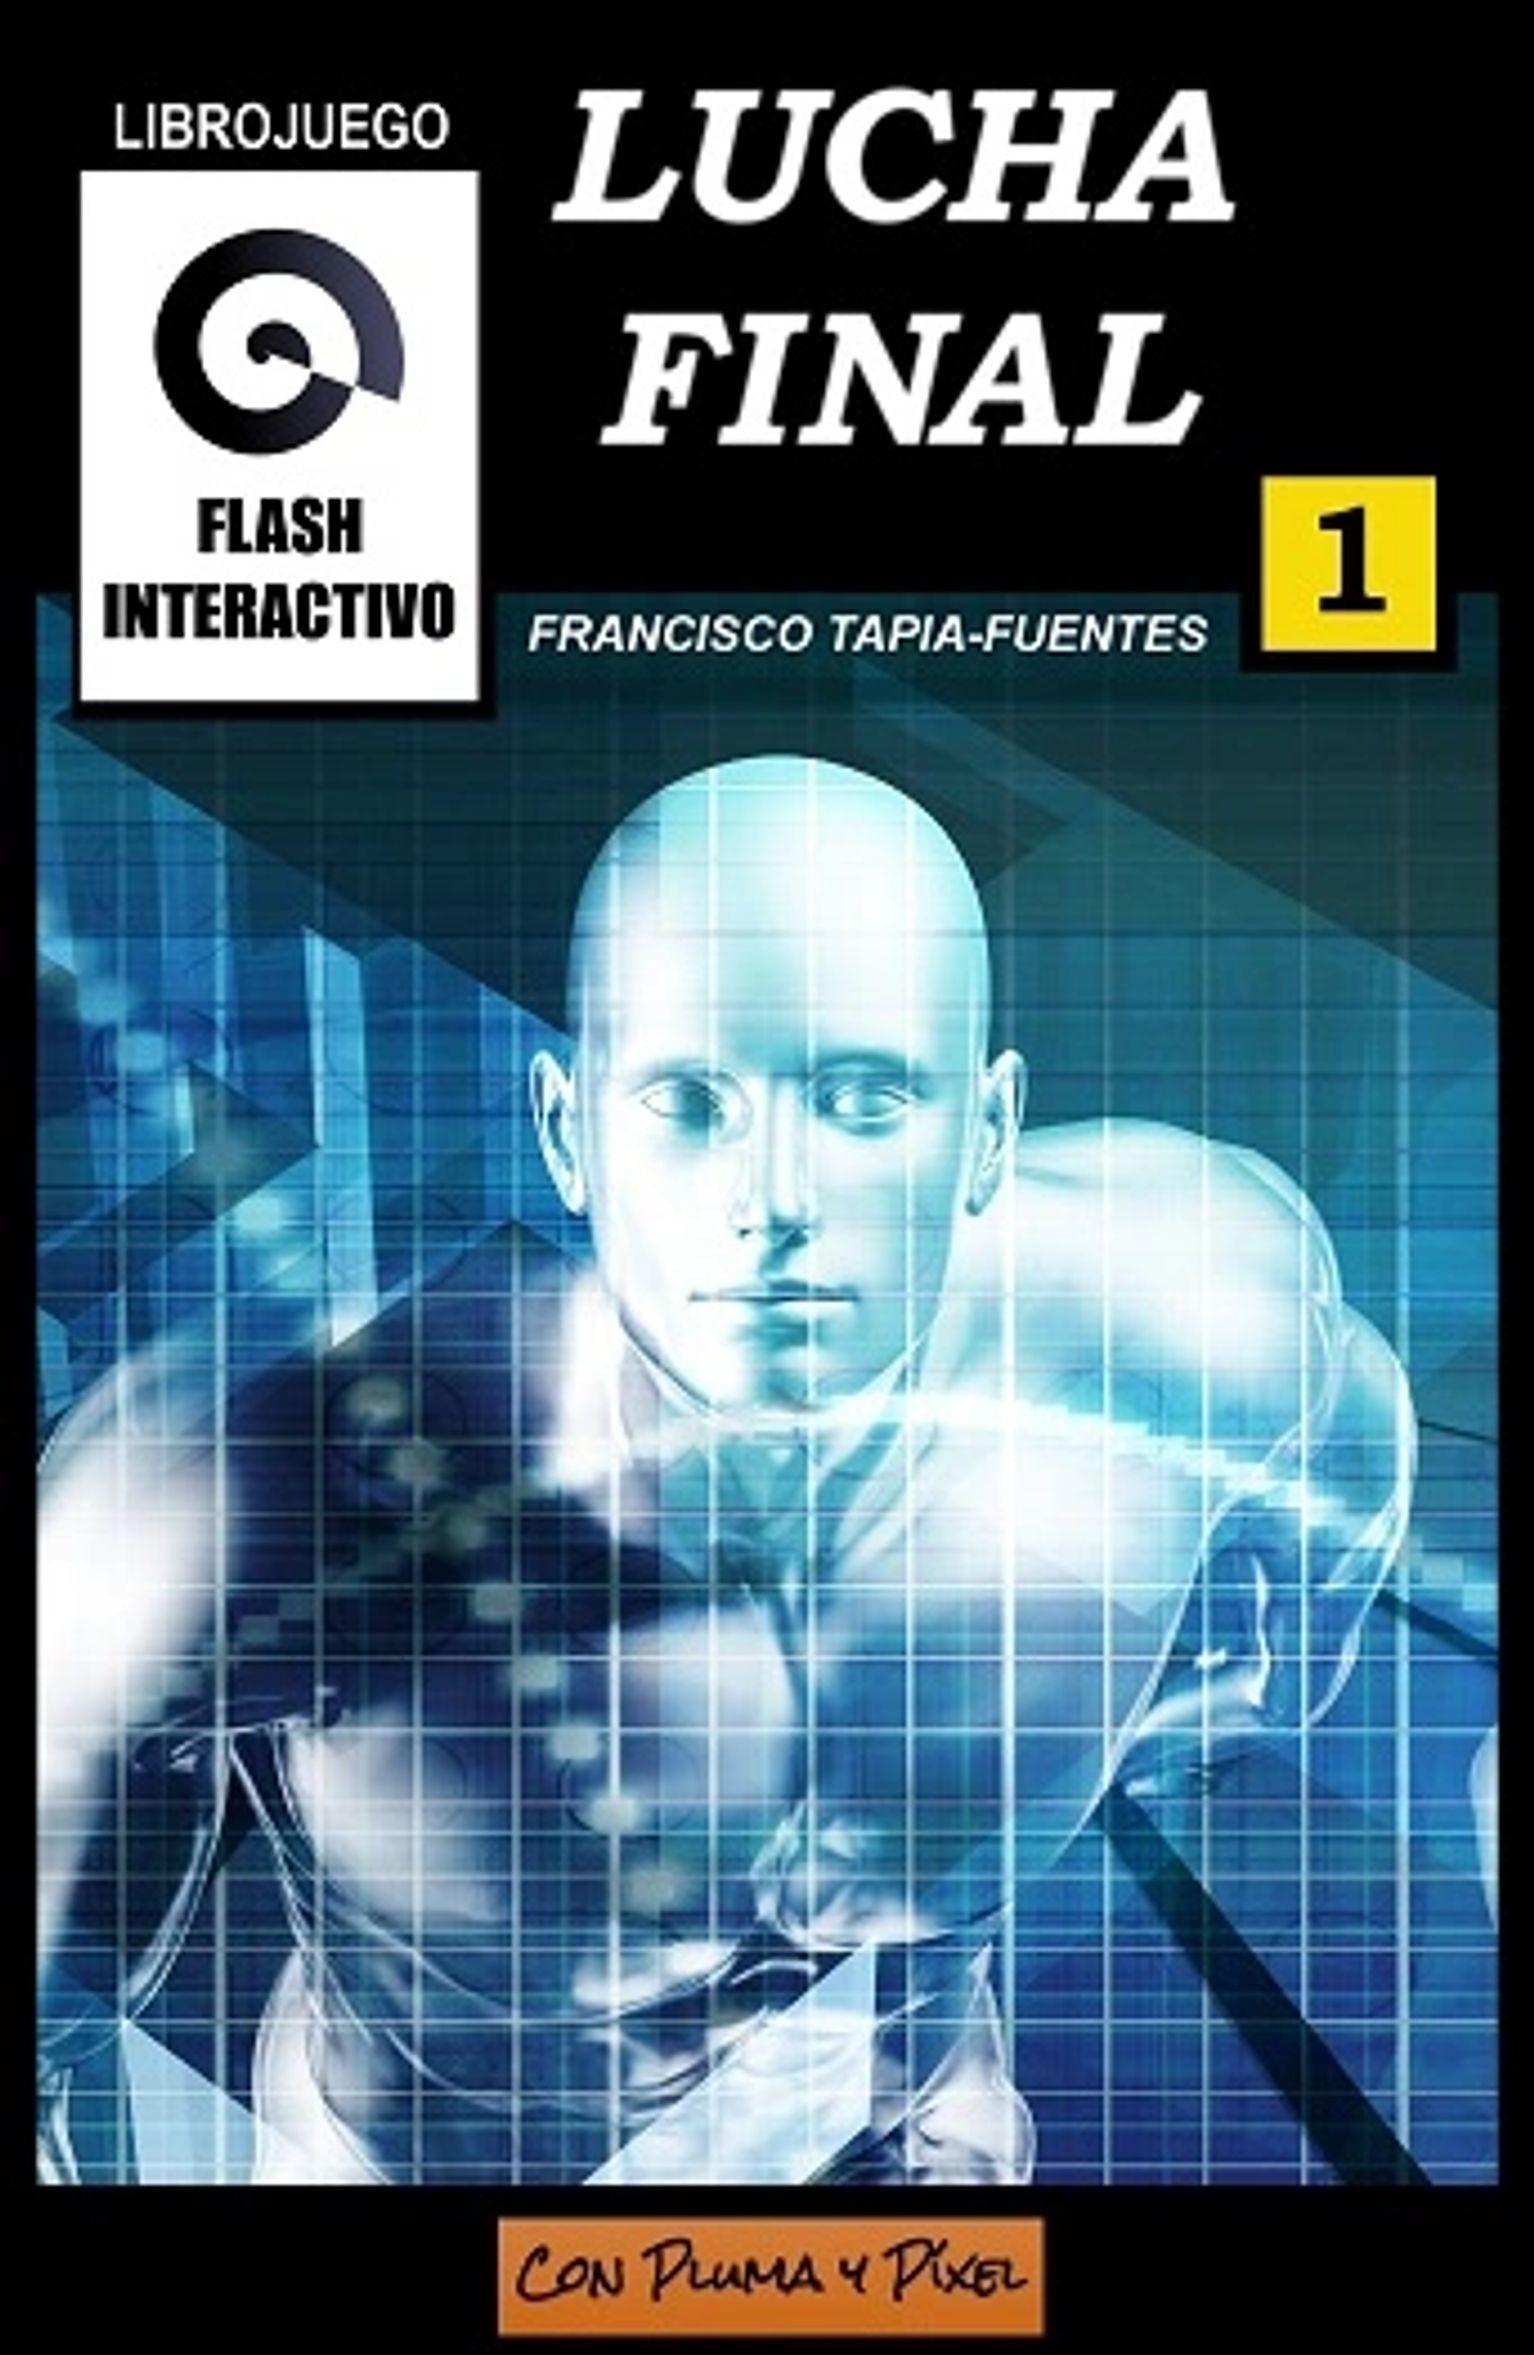 Reseña Lucha final, de Francisco Tapia-Fuentes - Cine de Escritor